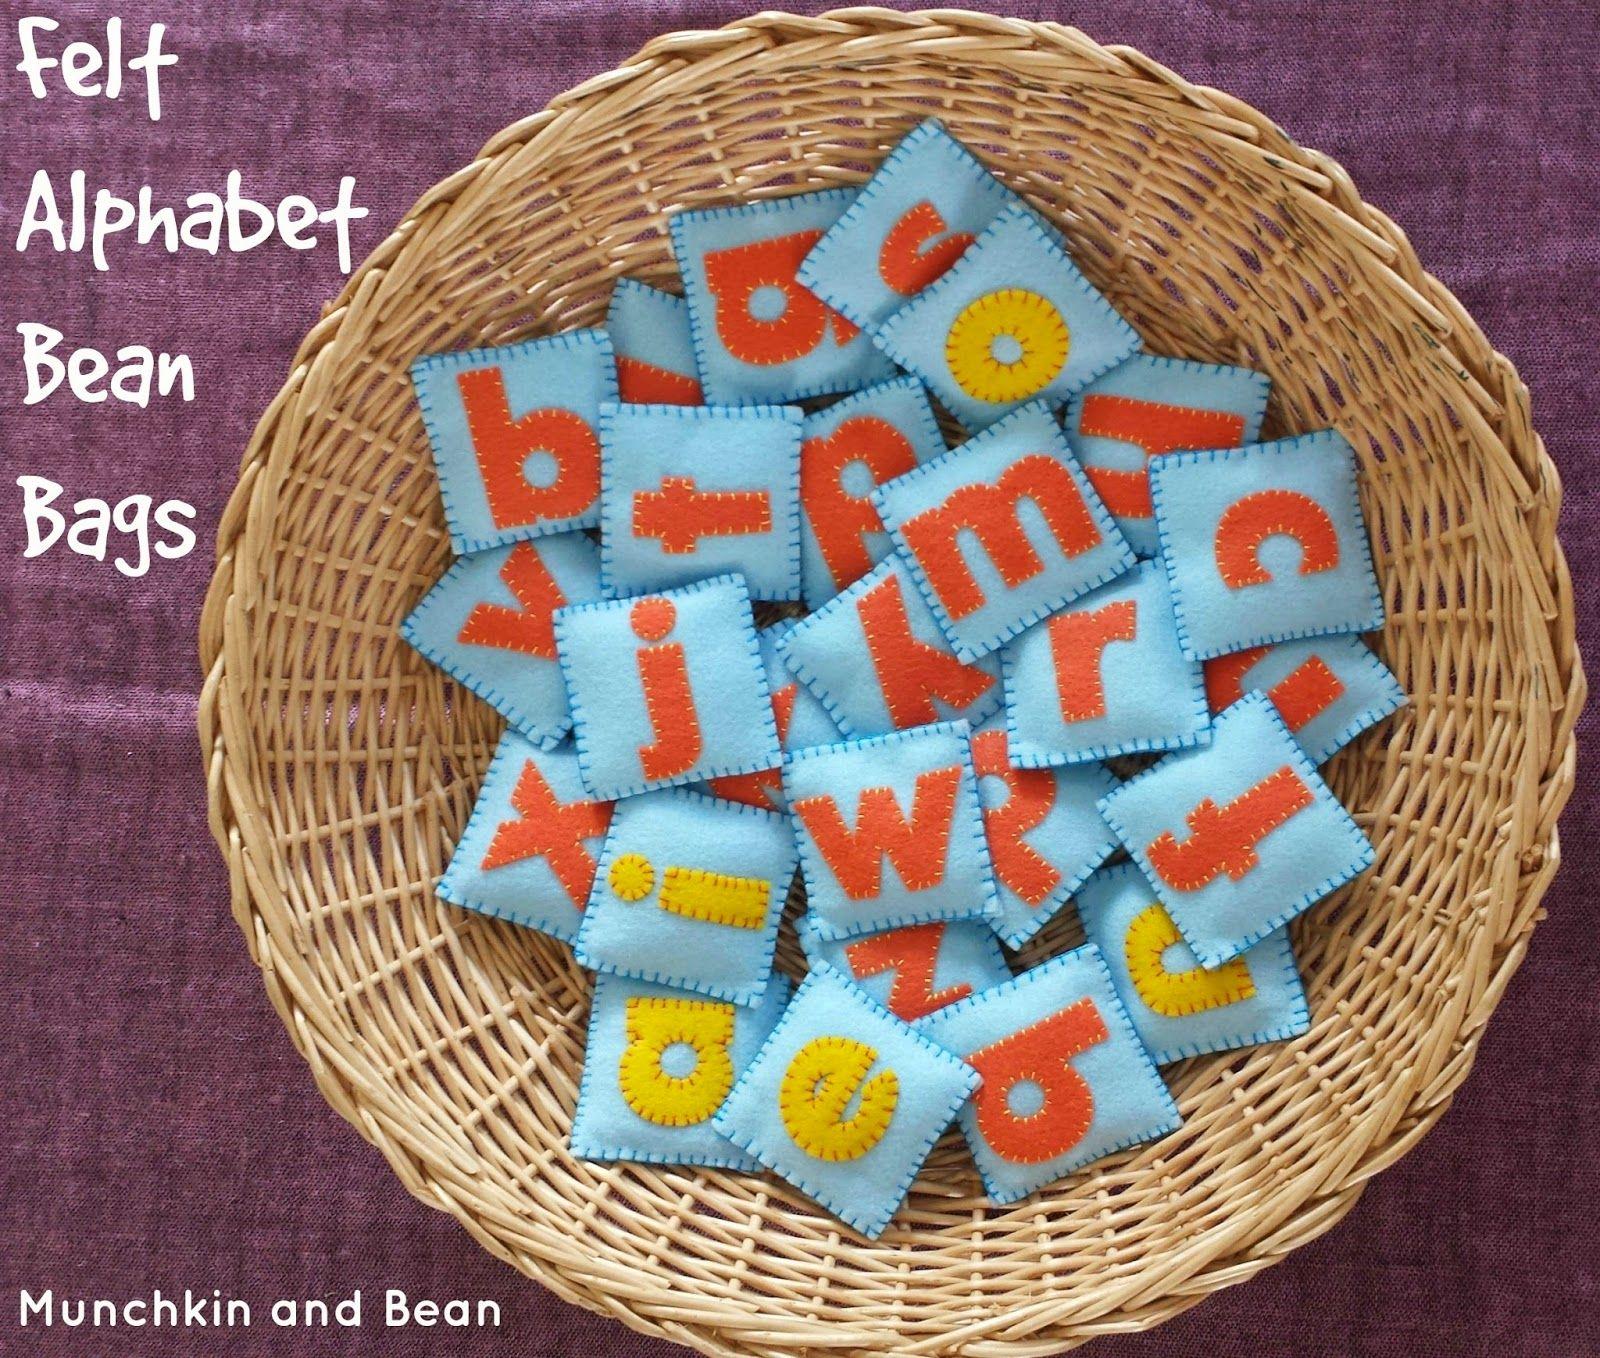 Felt Alphabet Bean Bags - craft tutorial  #feltcrafts #kidsactivities